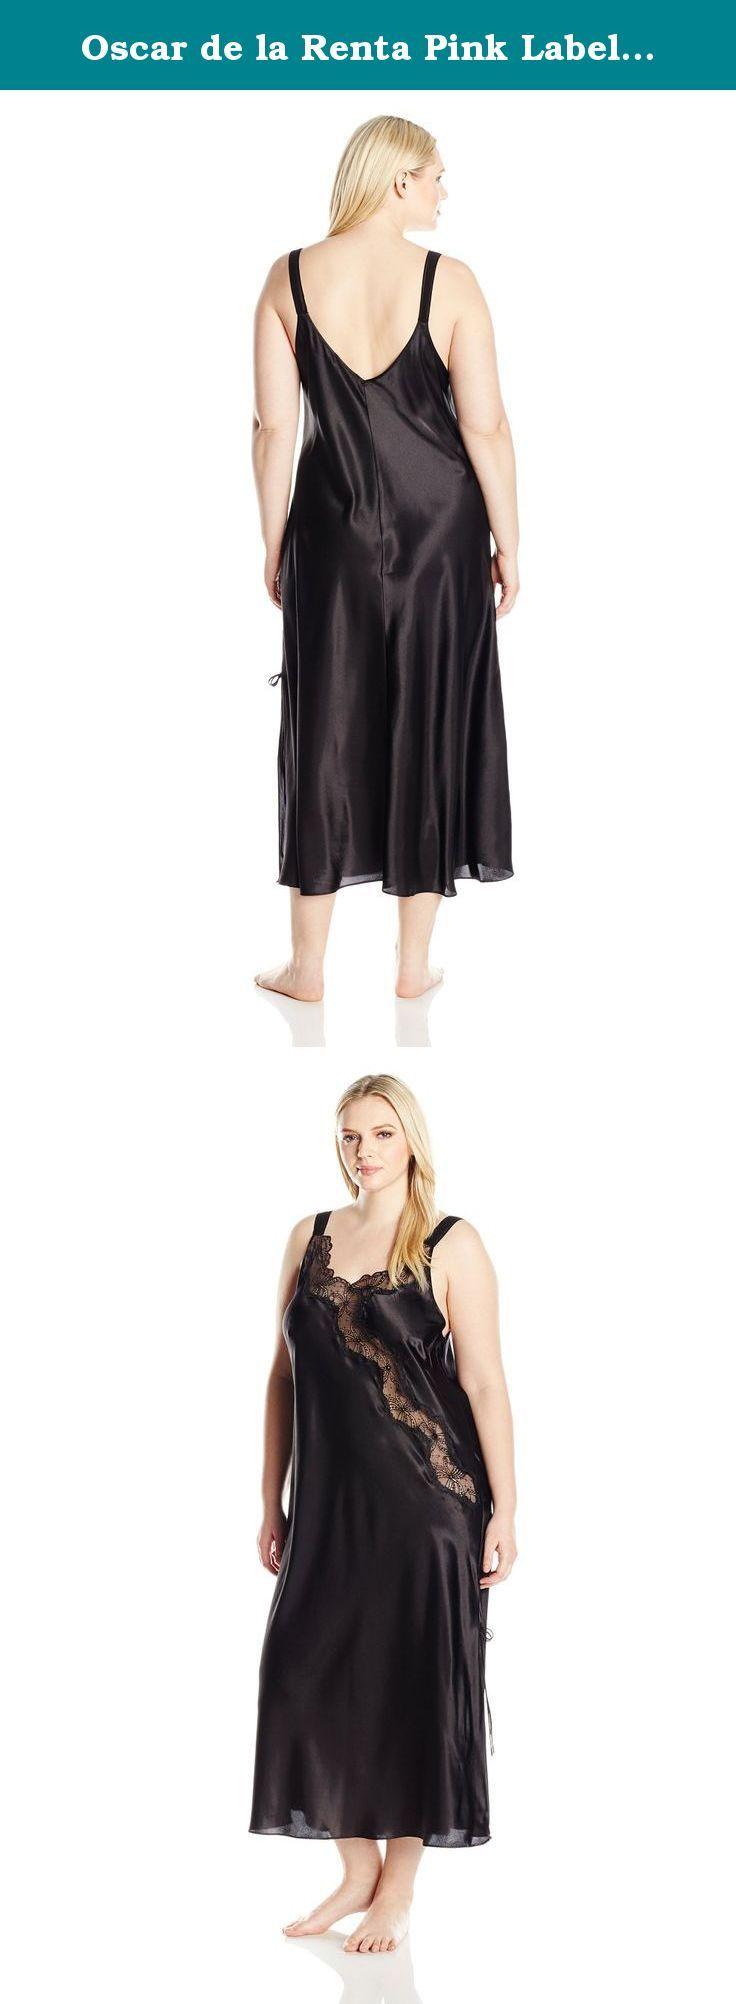 d50c4b4b26 Oscar de la Renta Pink Label Women s Plus Size Silky Charmuse with Lace  Long Gown